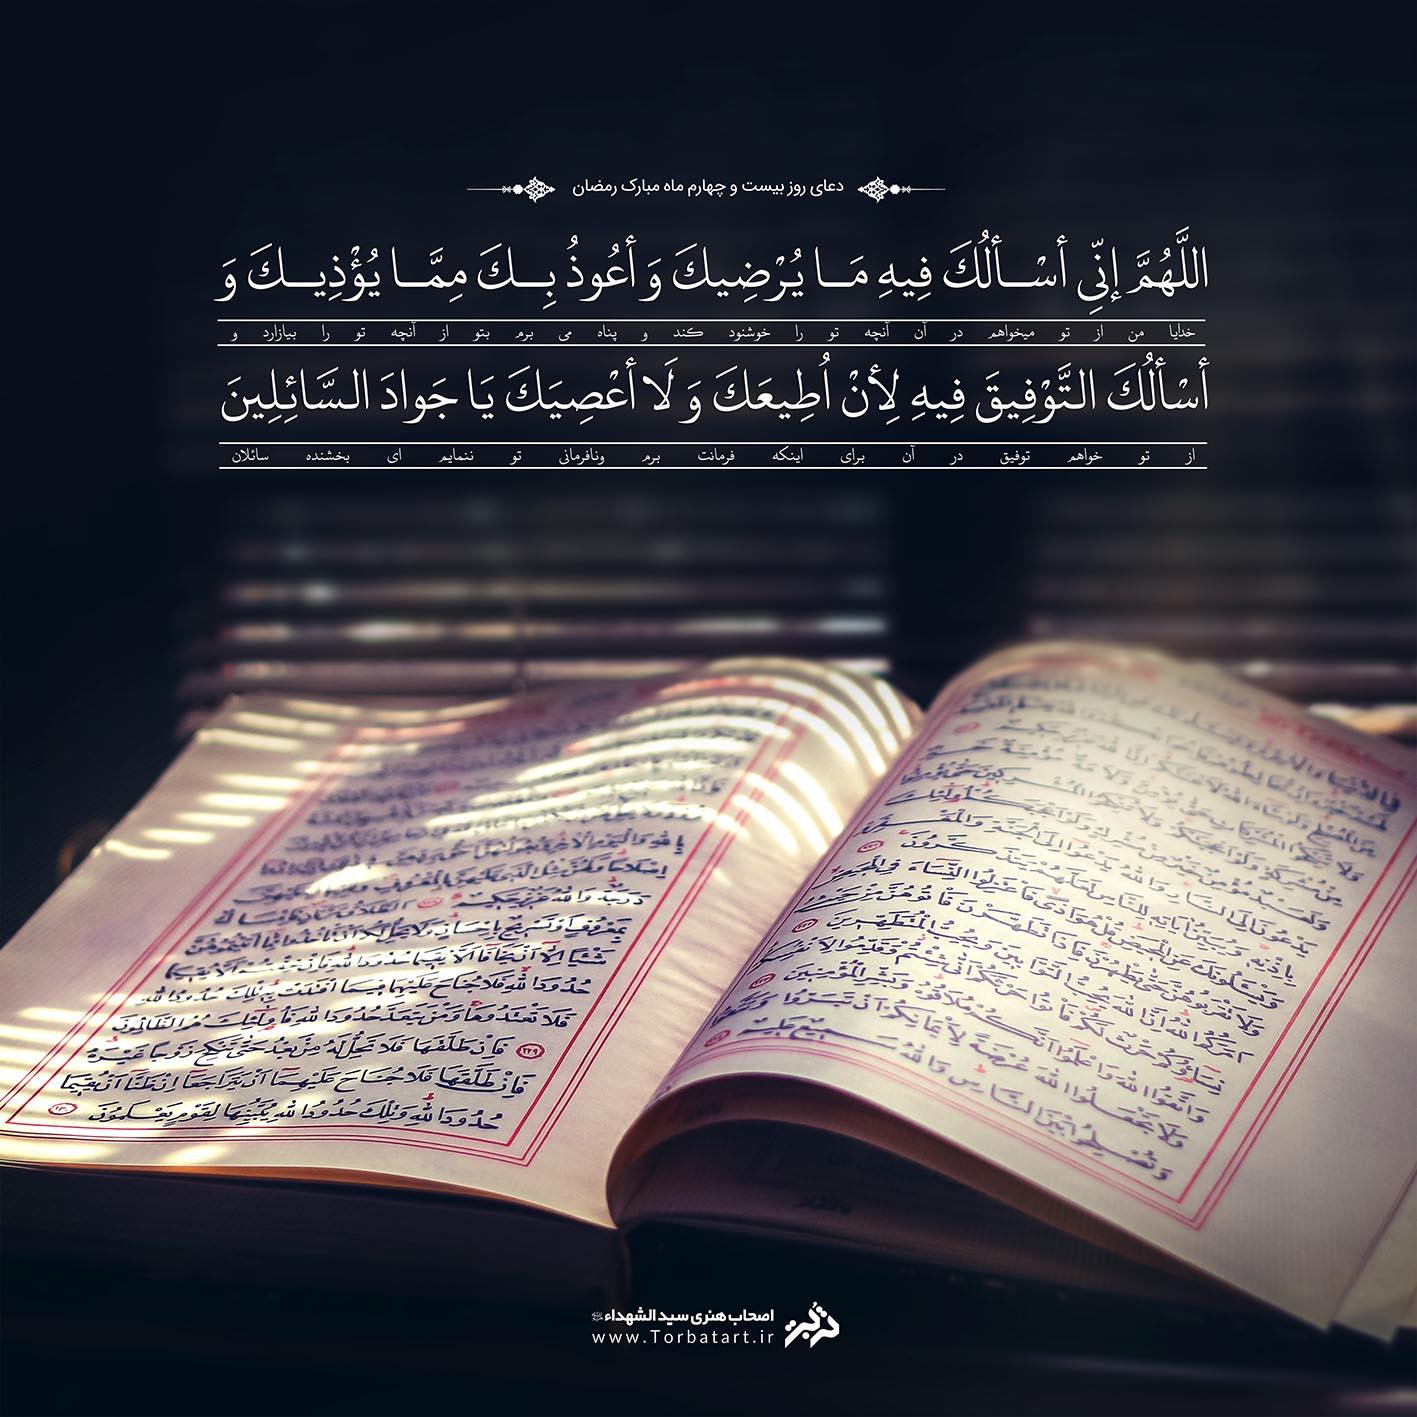 دعای روز بیستم و چهارم